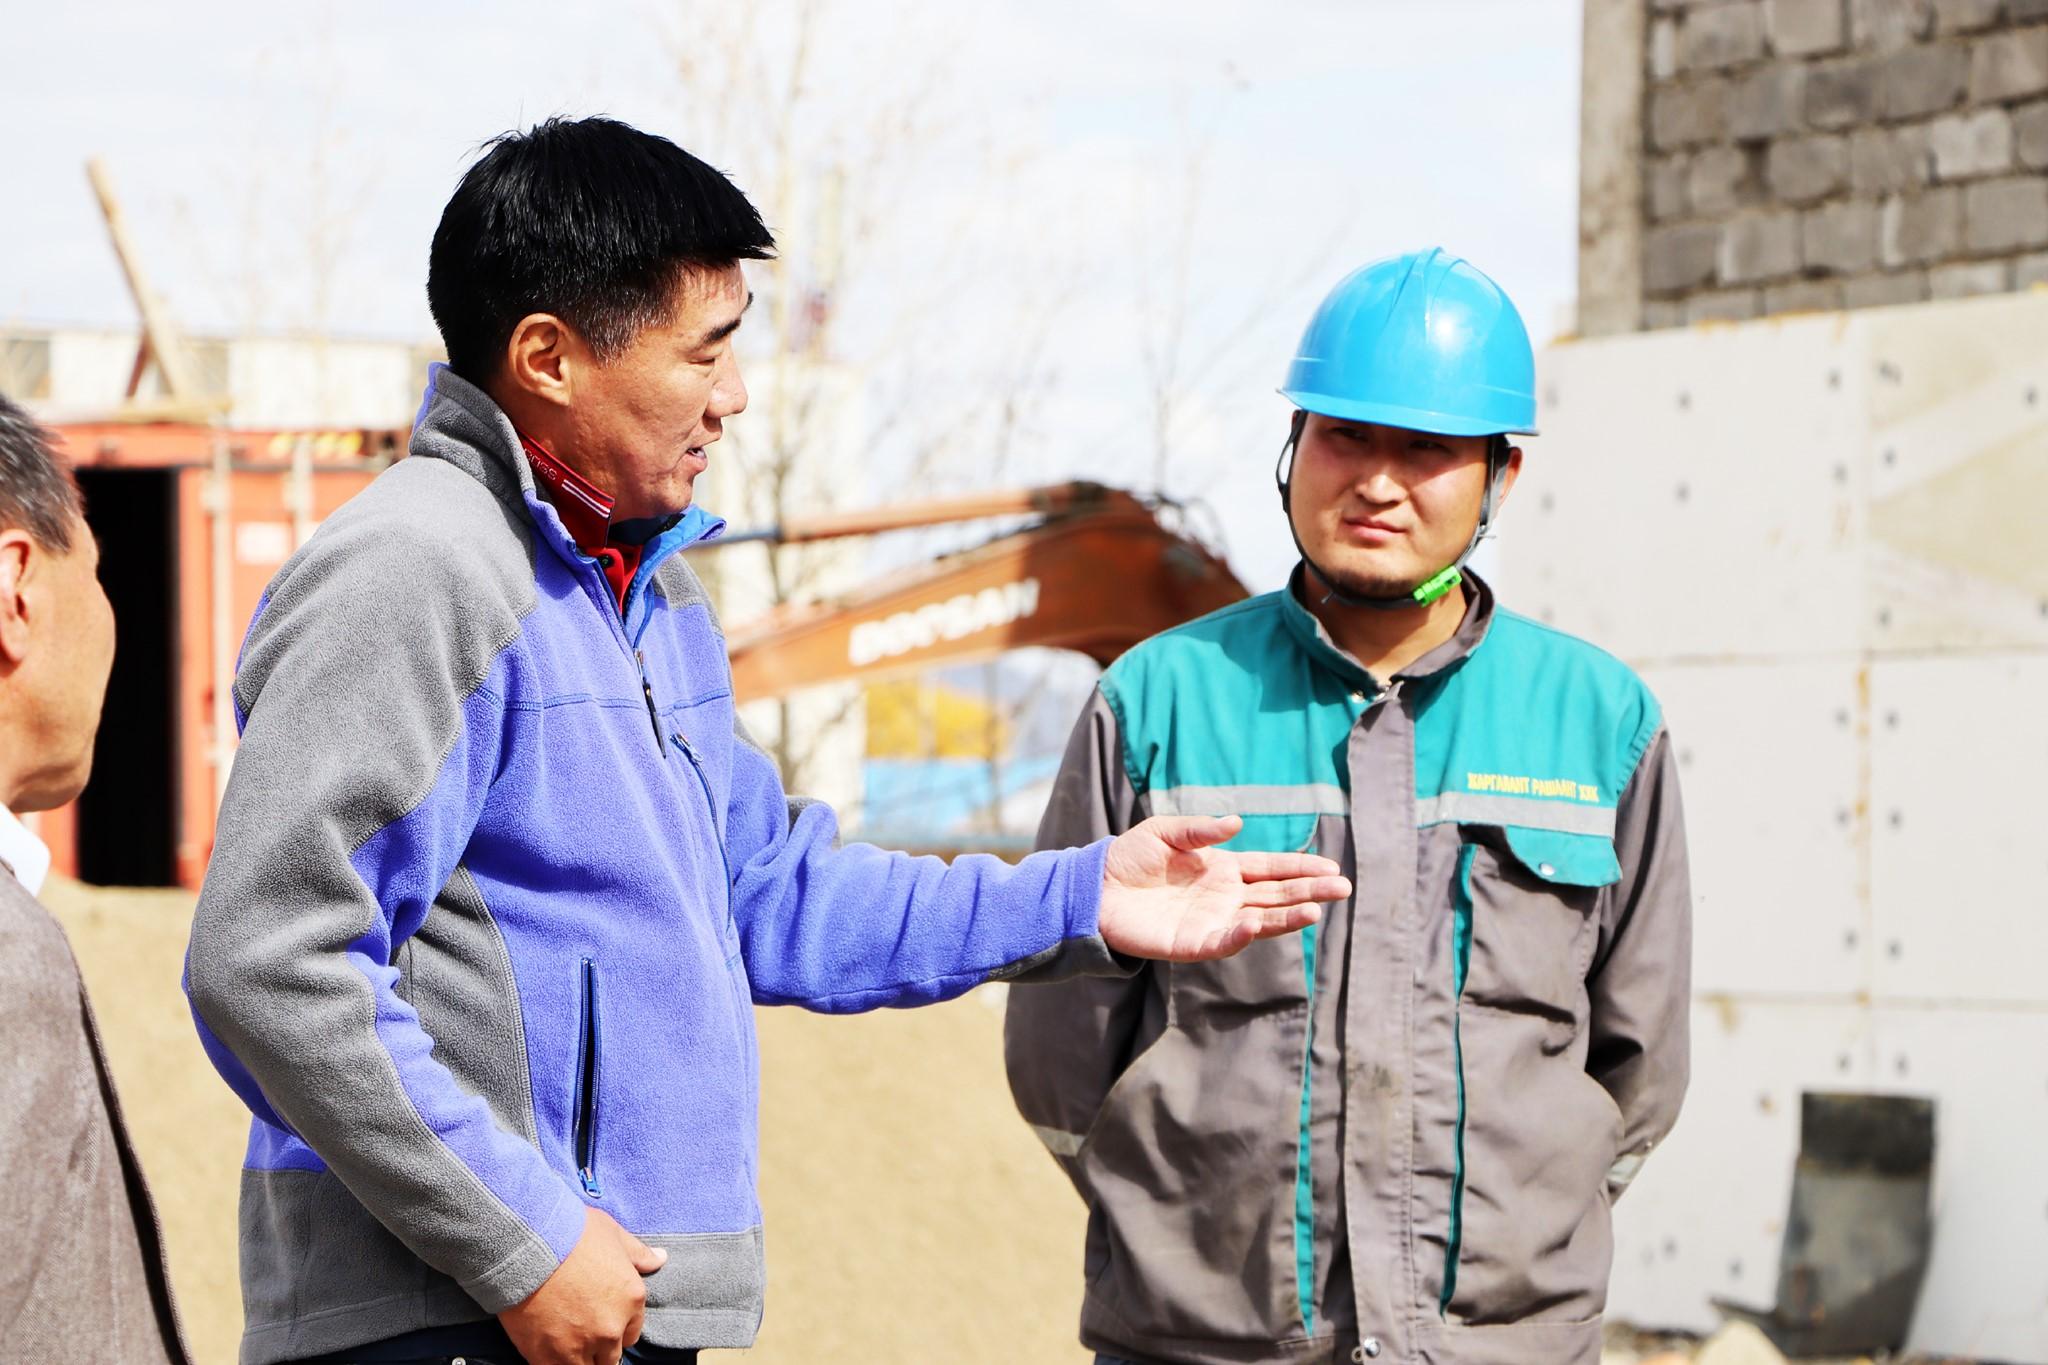 Ховд аймгийн Алтай суманд удахгүй шинэ гүүр, халуун усны барилга ашиглалтанд орно